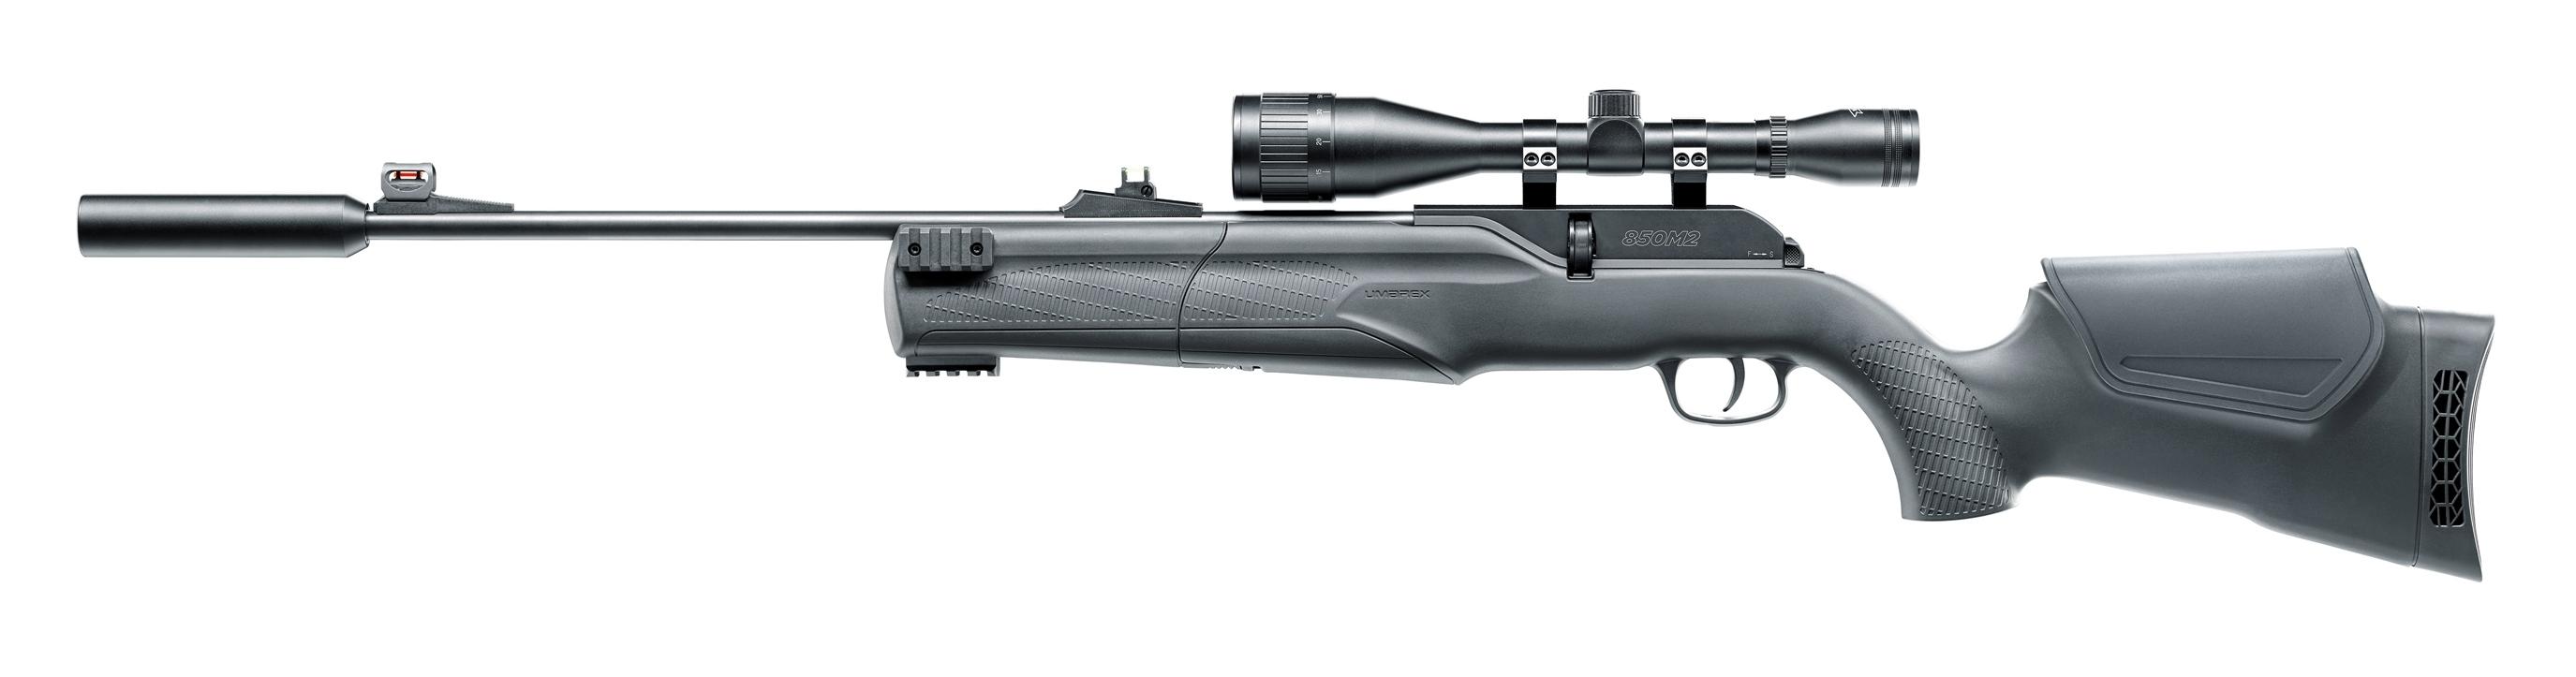 Umarex 850 M2 Target Kit